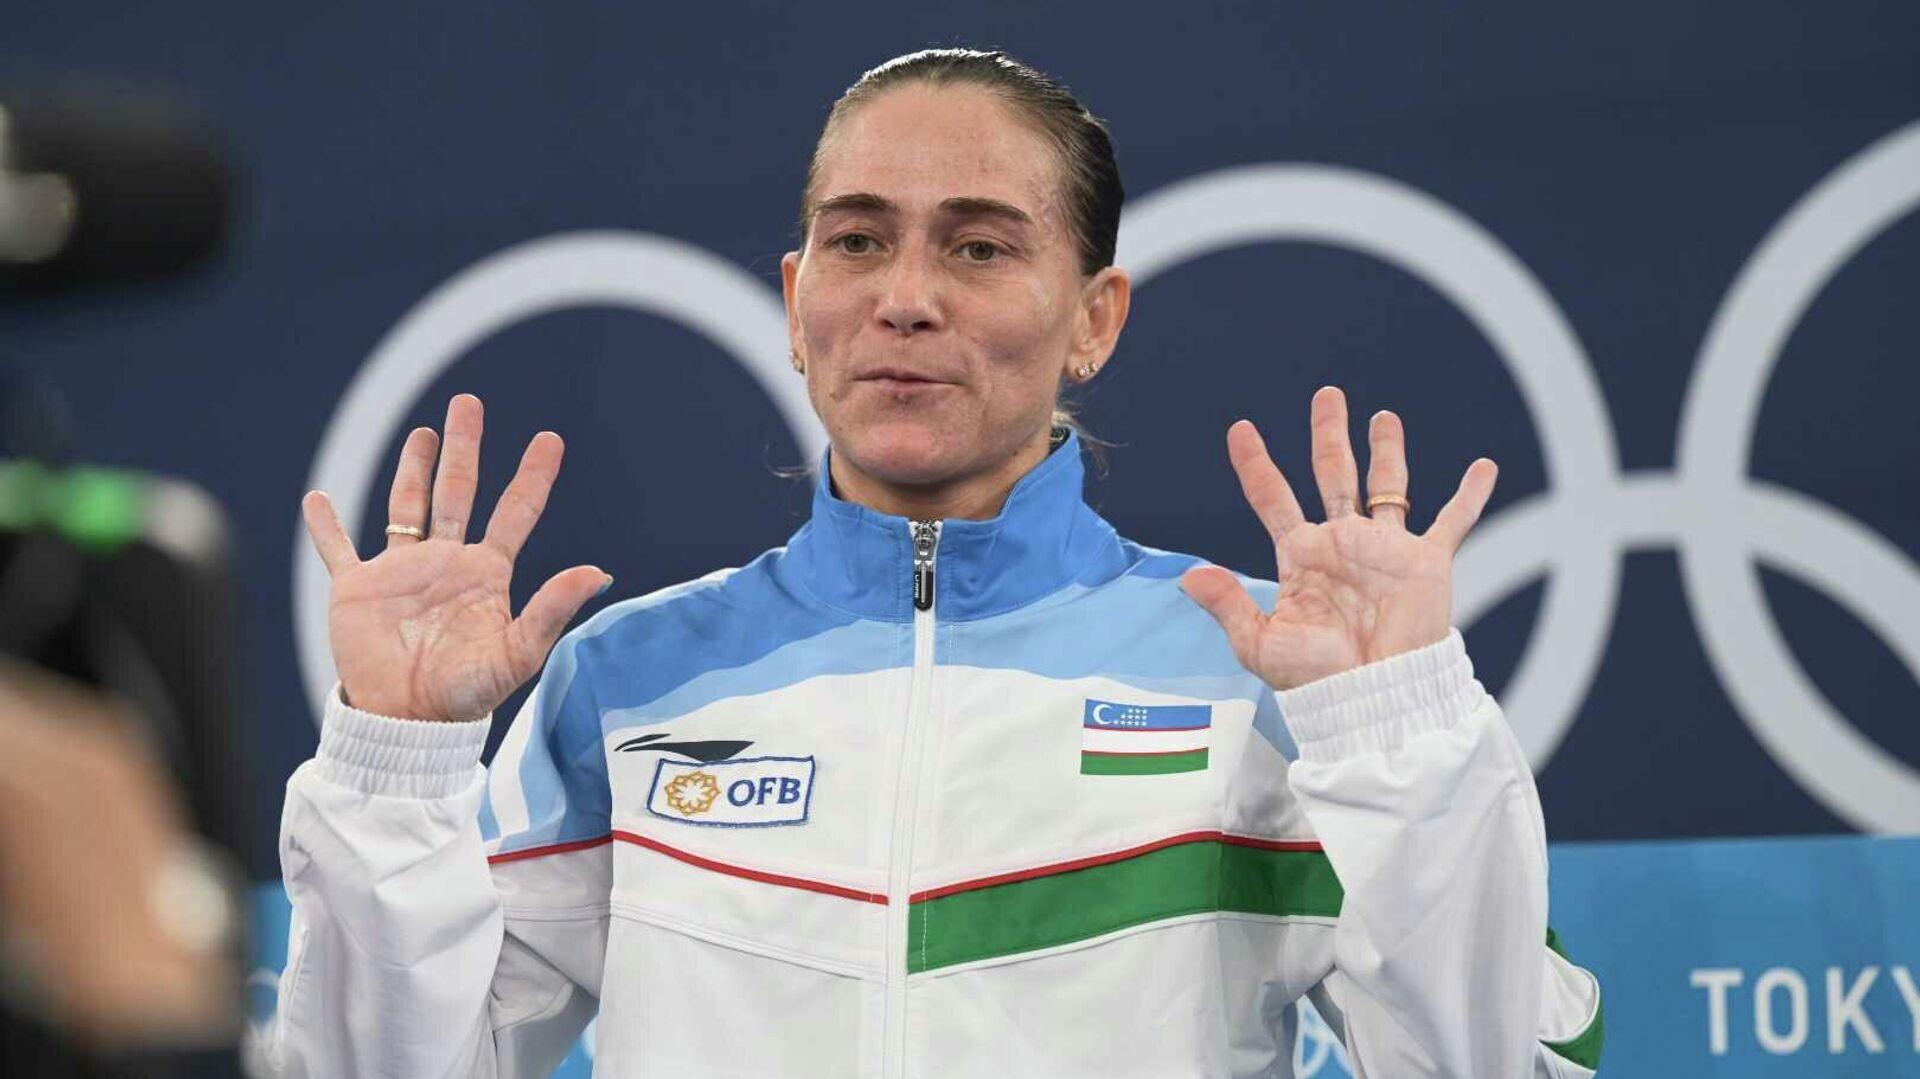 Гимнастка Оксана Чусовитина прощается со спортом после восьмой Олимпиады в карьере - Sputnik Узбекистан, 1920, 02.09.2021